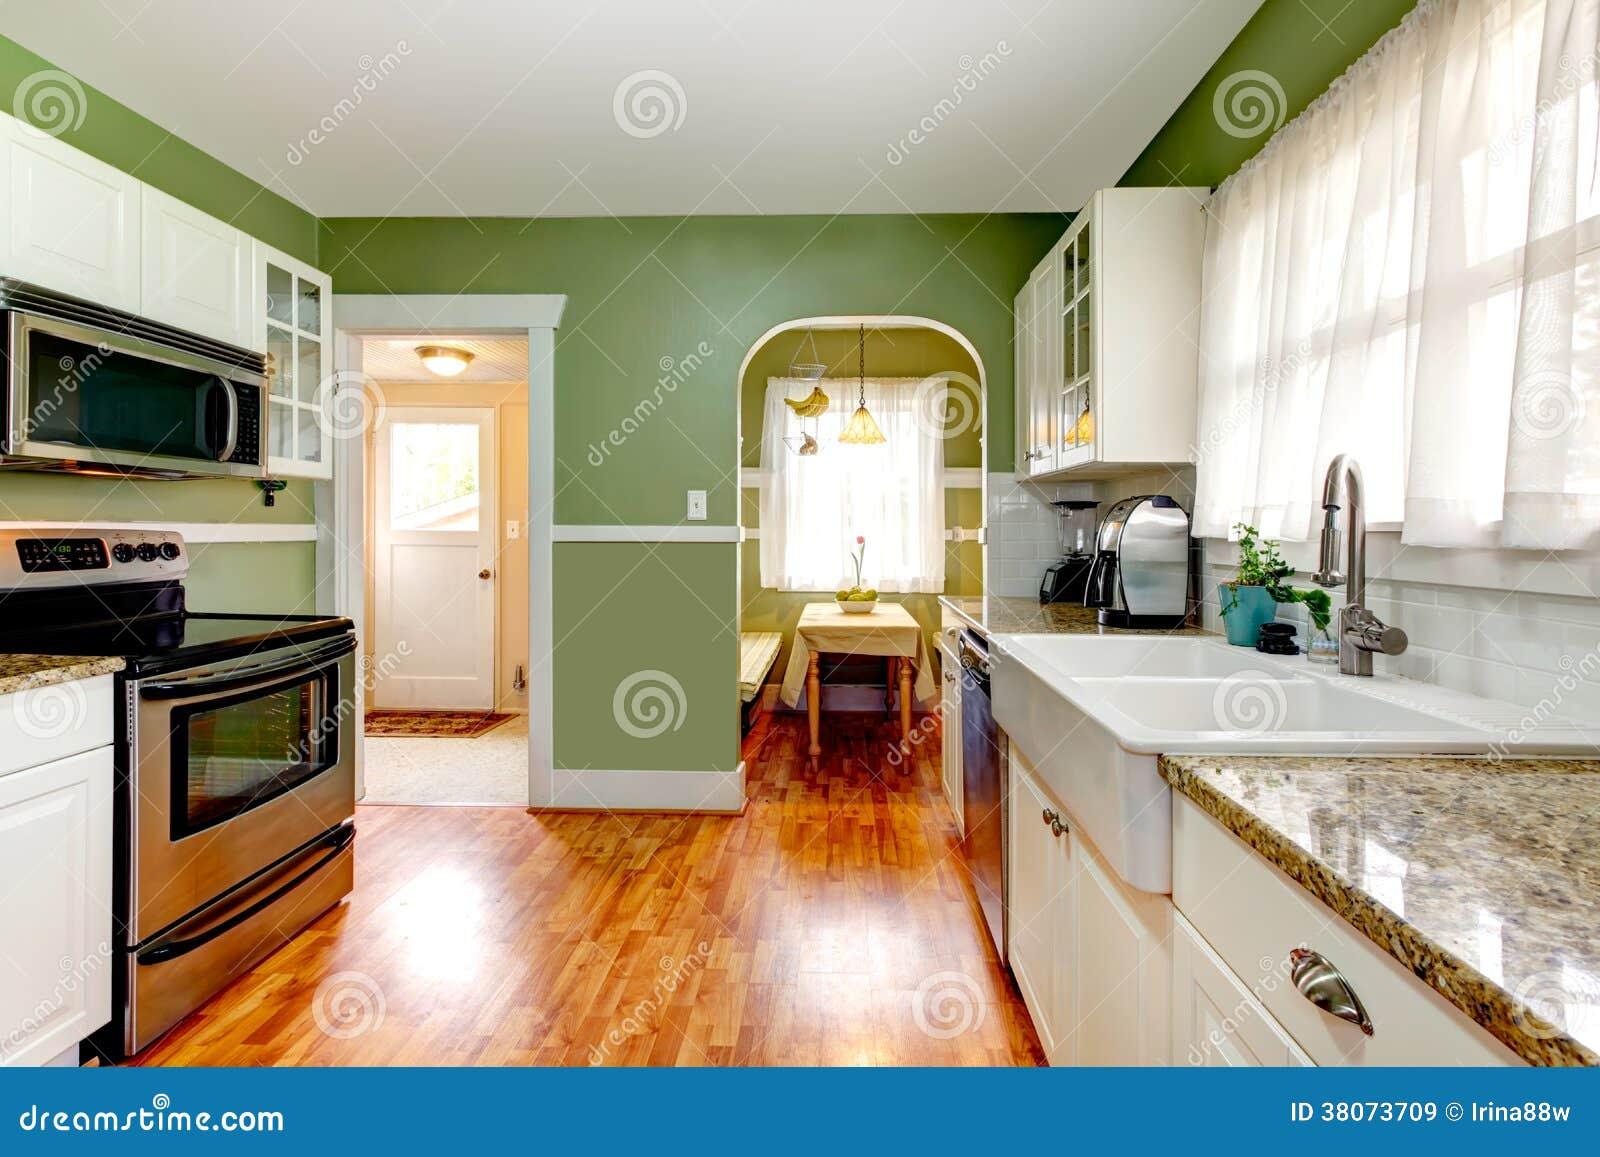 #B64706 Sala Verde Da Cozinha Com O Espaço Para Refeições Imagens de Stock  1300x957 px Planos De Armários De Cozinha_993 Imagens